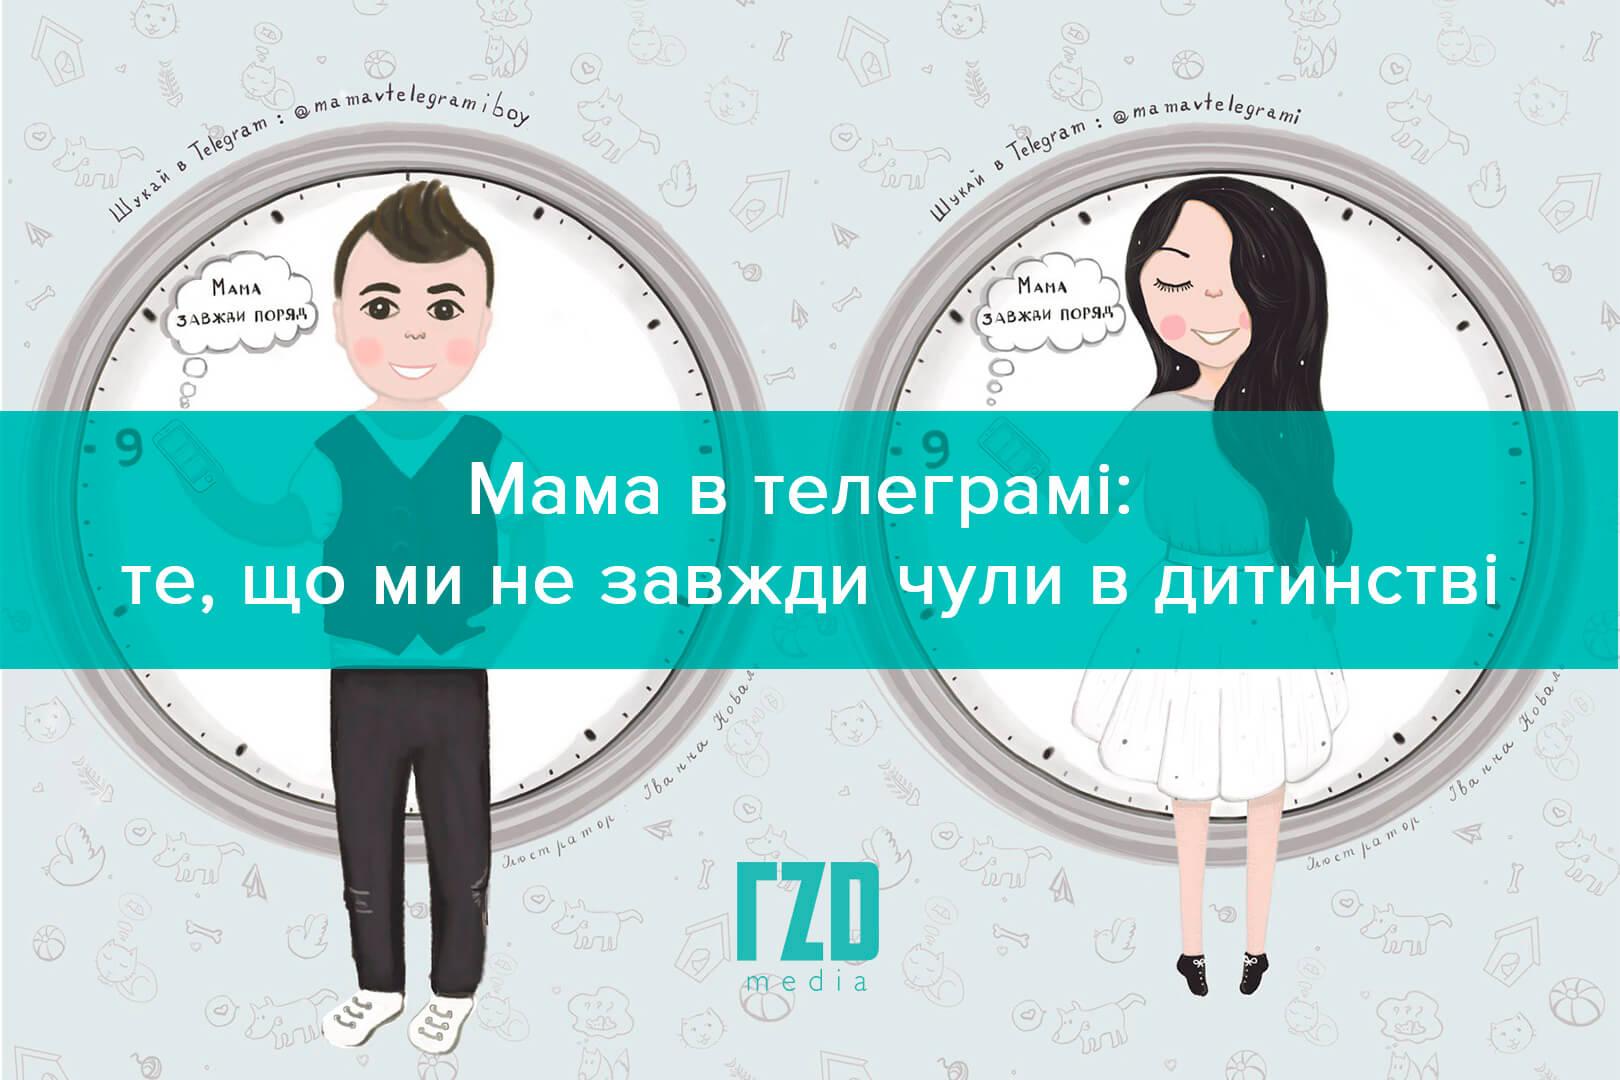 Мама в телеграмі: те, що ми не завжди чули в дитинстві